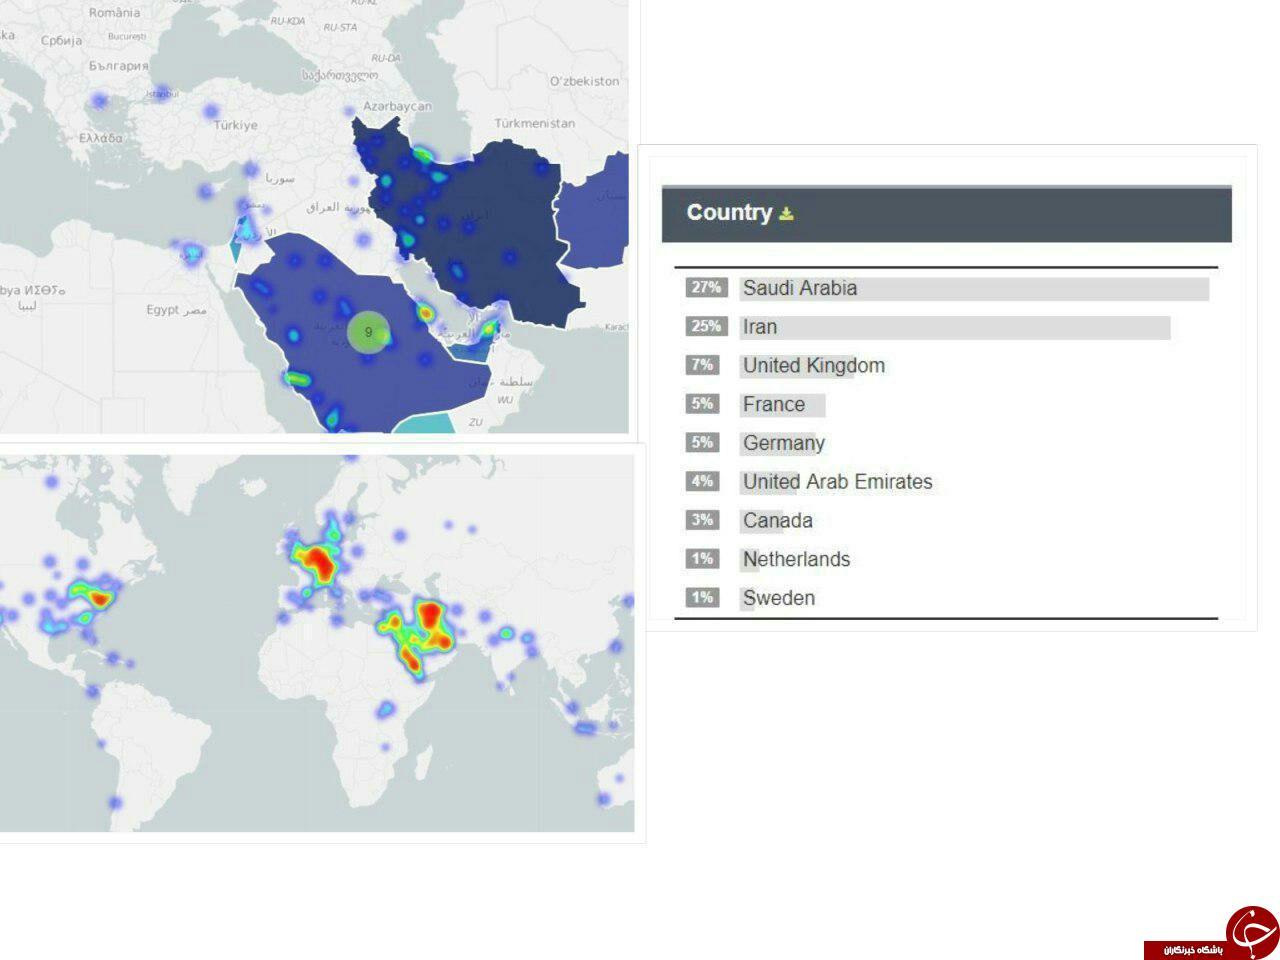 نقش عربستان در انتشار مطالب تظاهرات سراسری